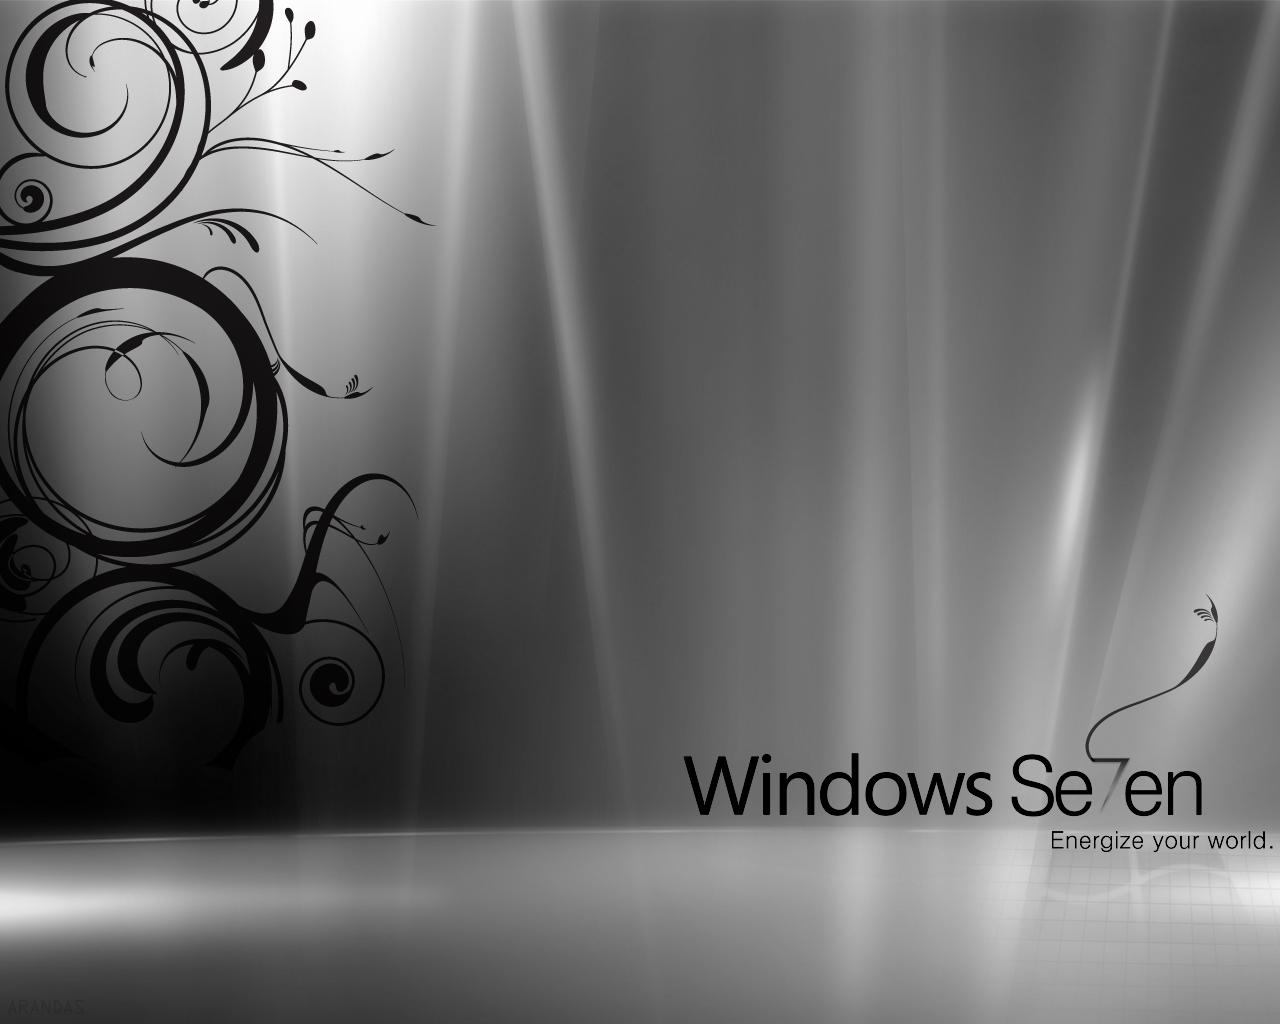 Baixar papeis de parede do Windows Seven